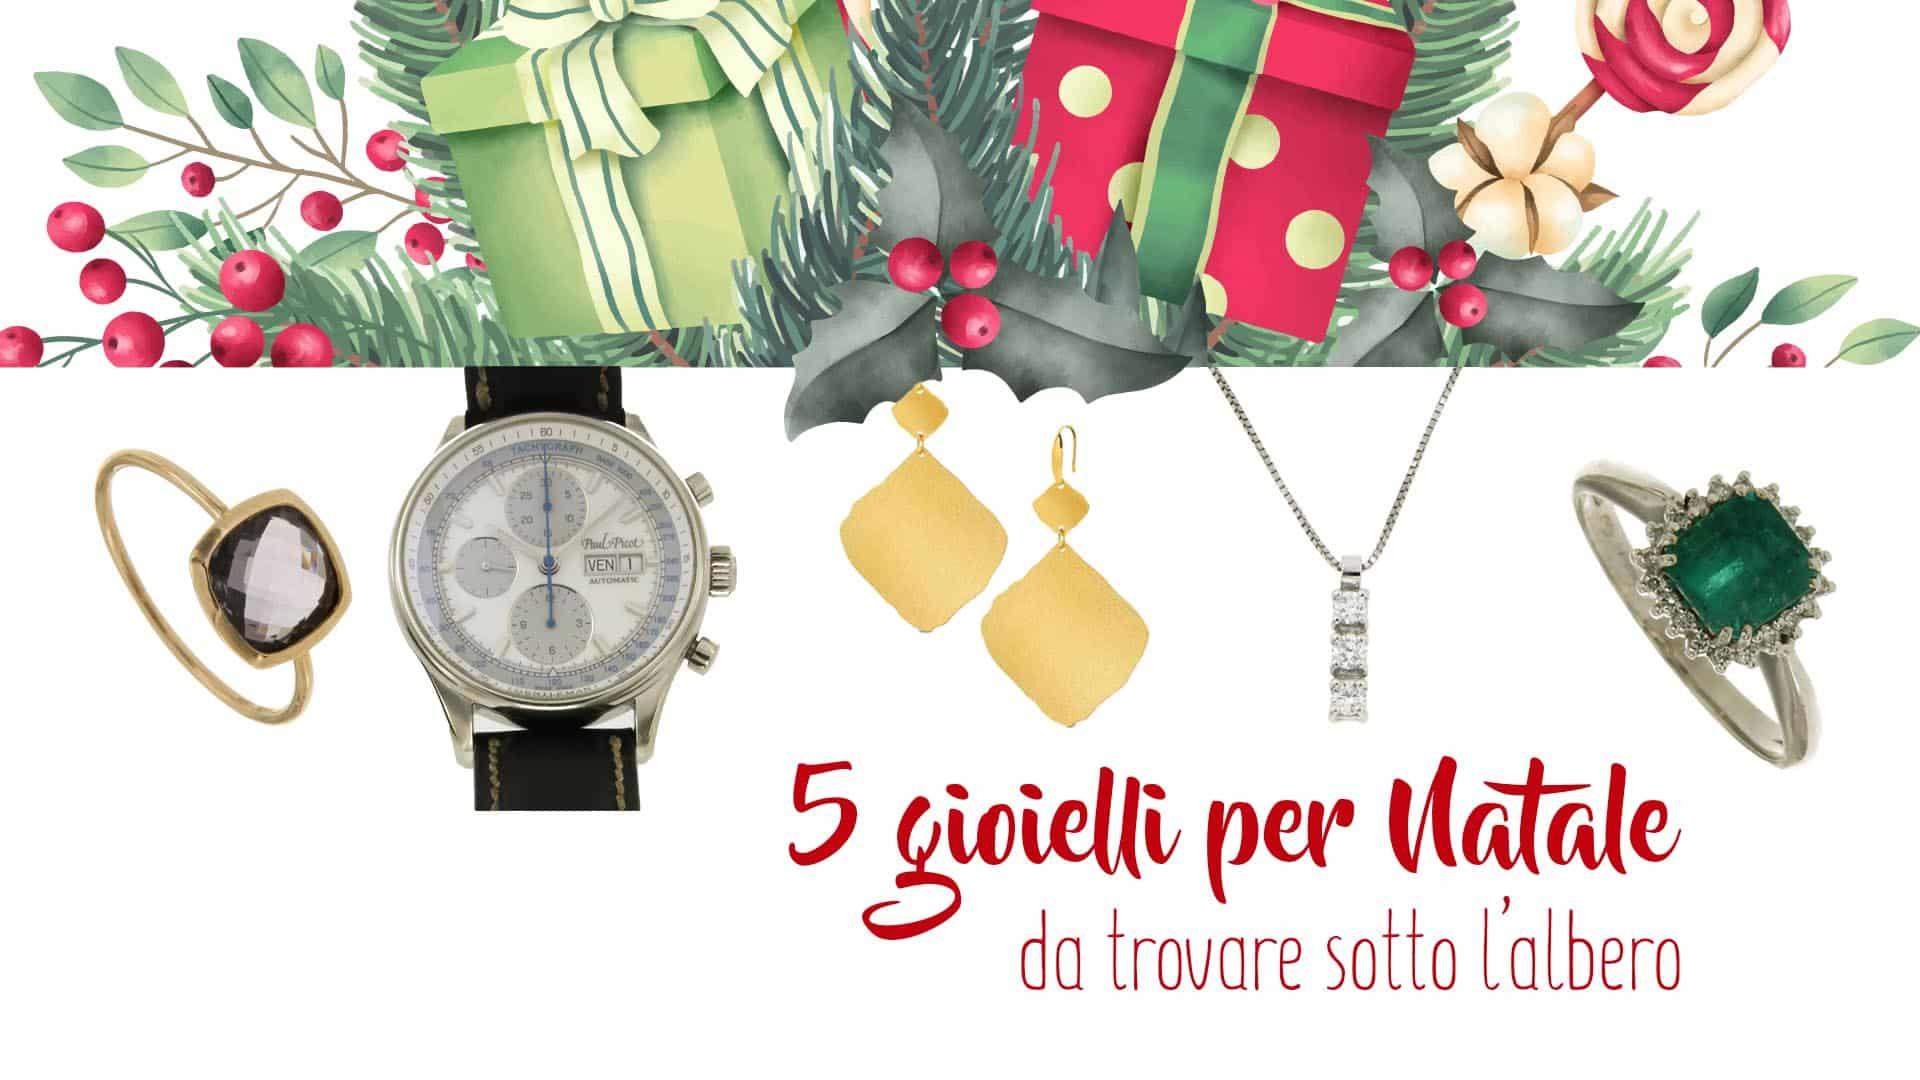 5 gioielli per Natale: gioielli e orologi di lusso sotto una decorazione natalizia